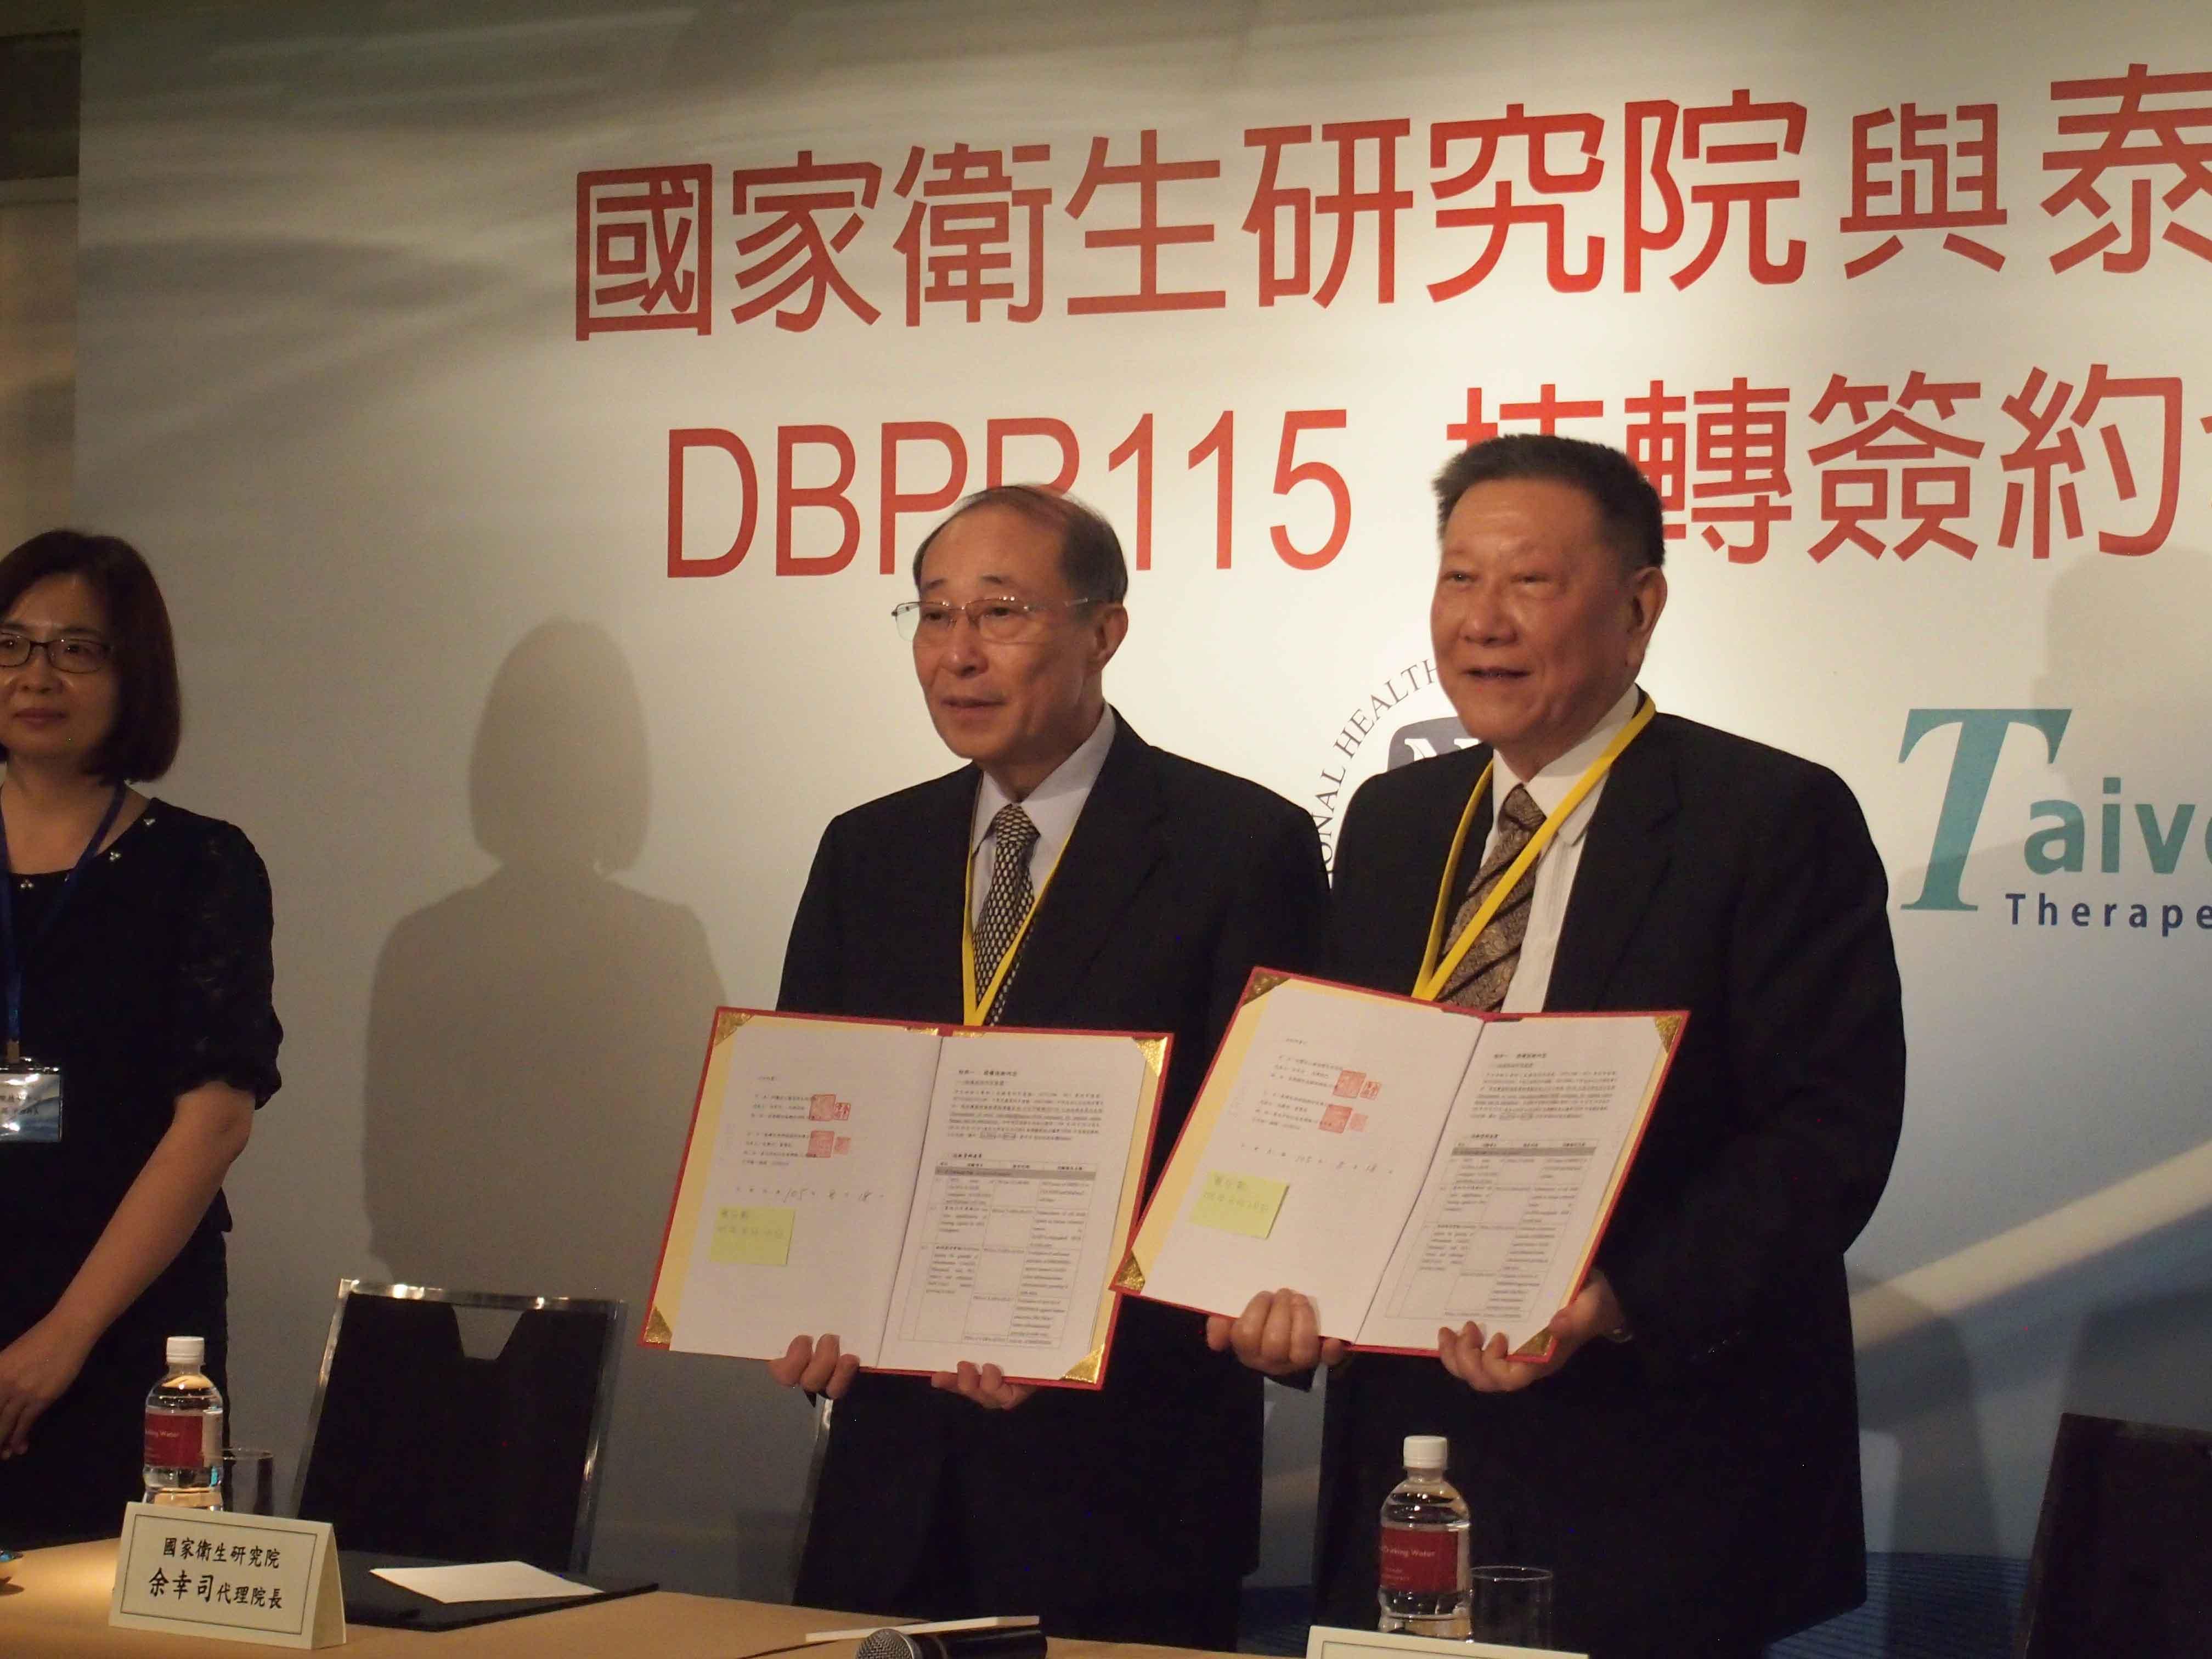 國衛院與泰緯生技技轉簽約儀式完成,雙方展示簽署合約_web